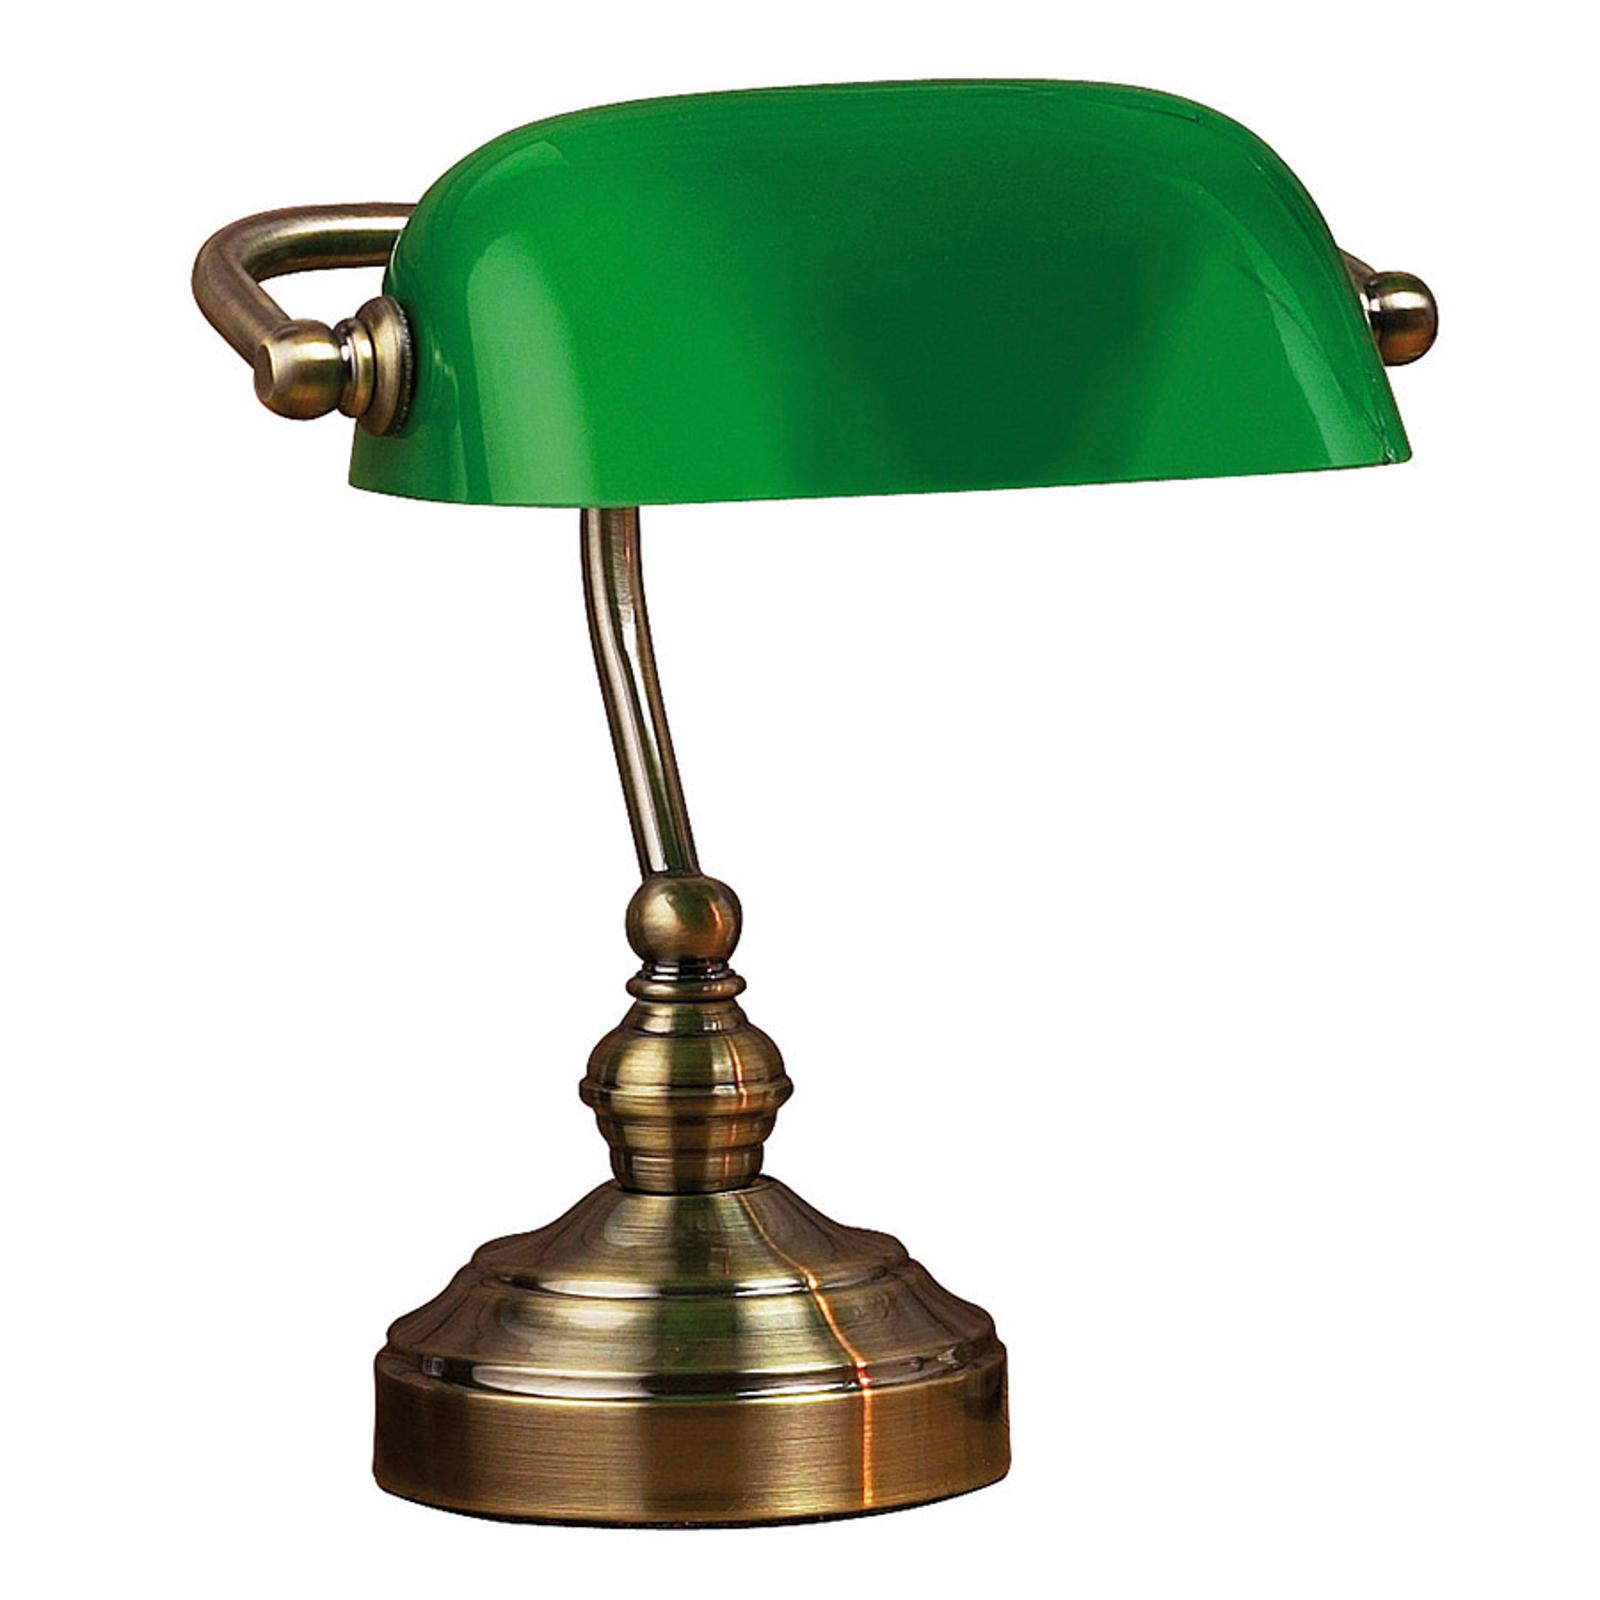 Lampa stołowa Bankers, wysokość 25 cm zielona